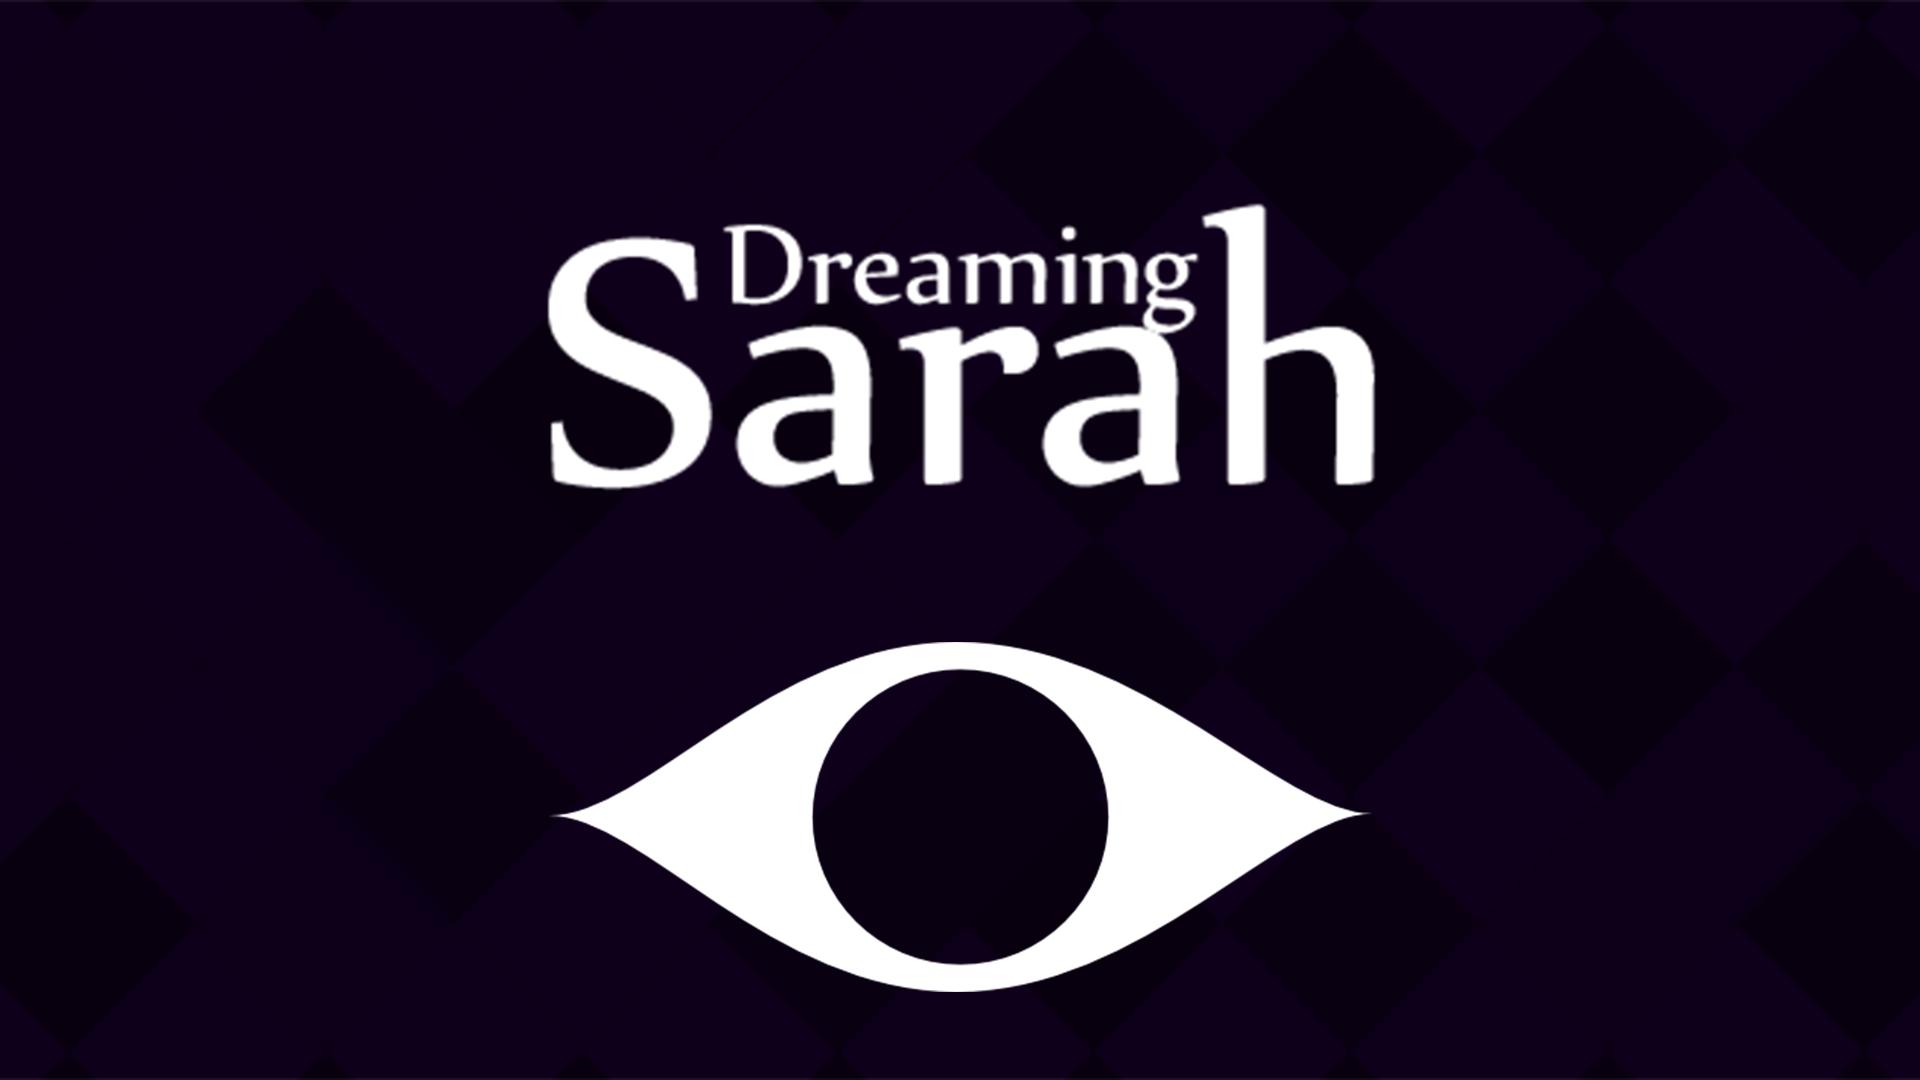 Buy Dreaming Sarah   Microsoft Store en CA 1920x1080